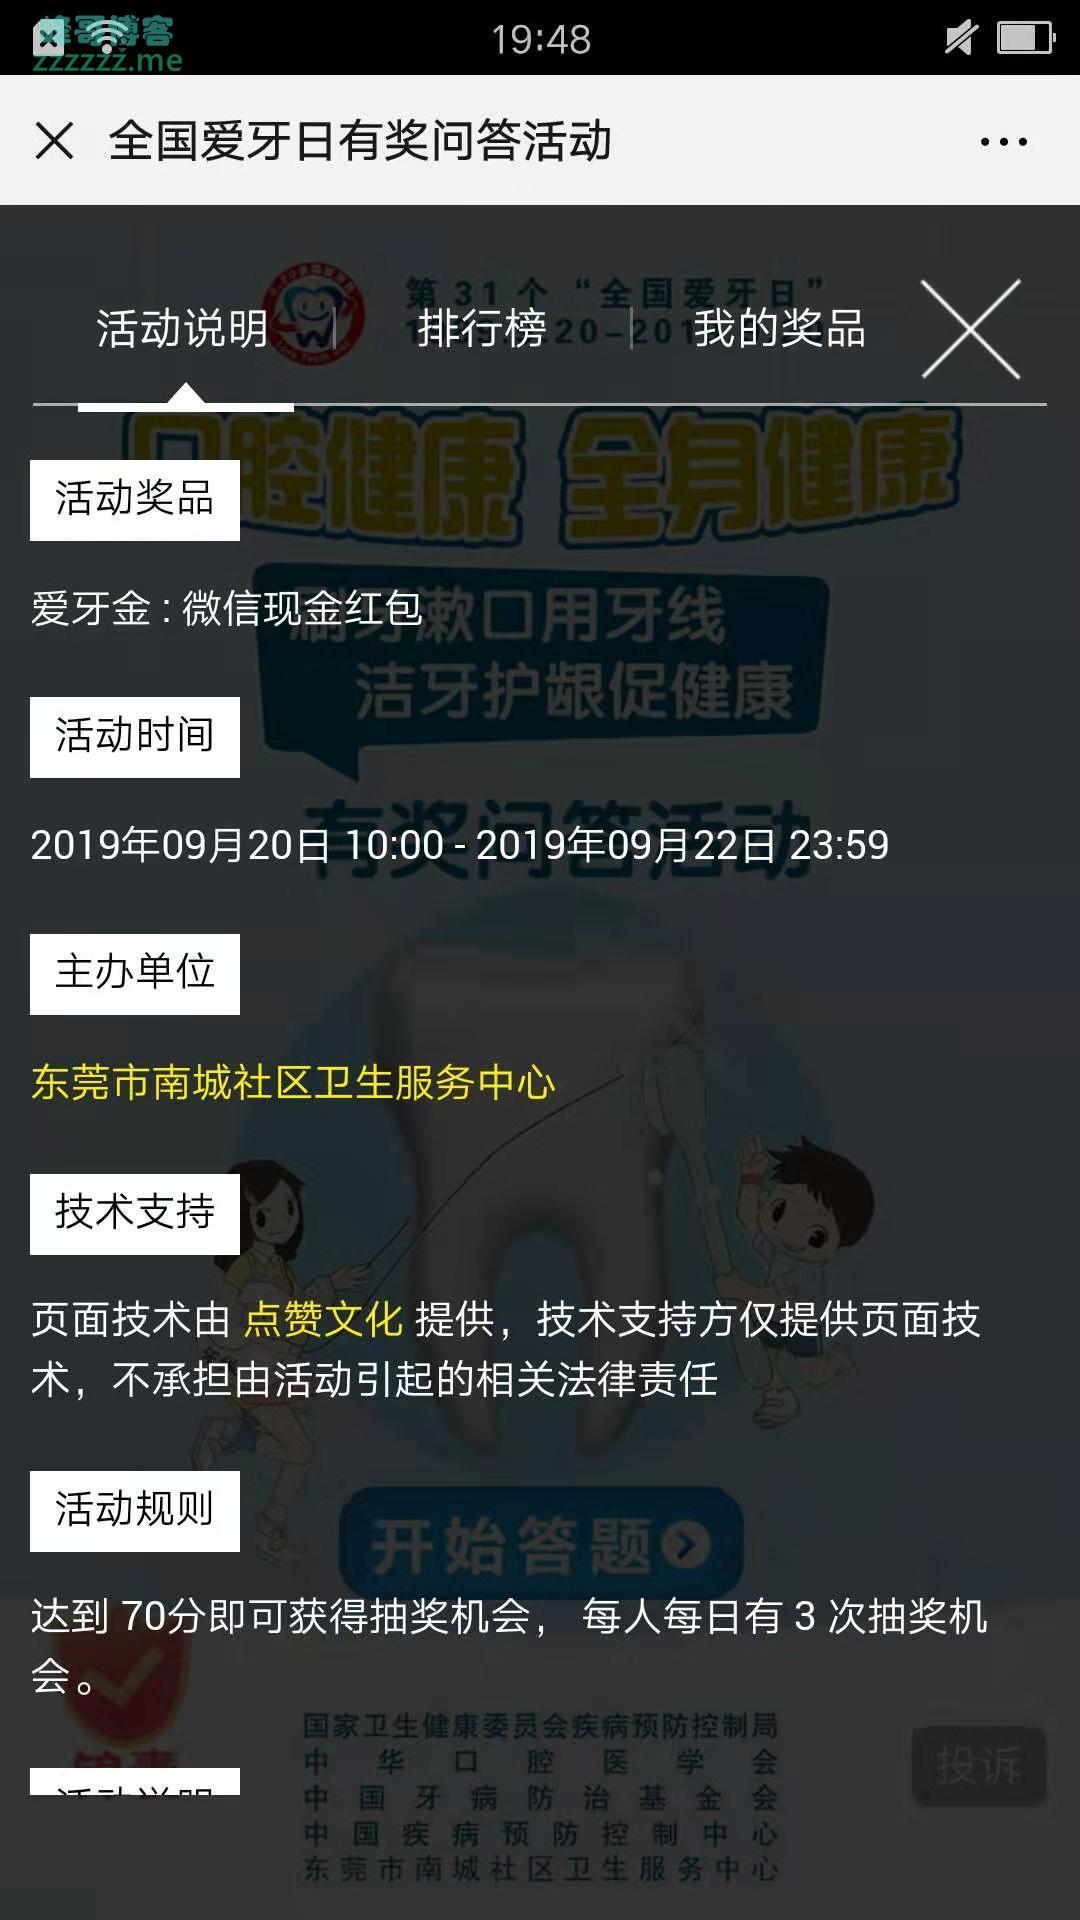 东莞市南城社区卫生服务中心爱牙日有奖问答(截止9月22日)